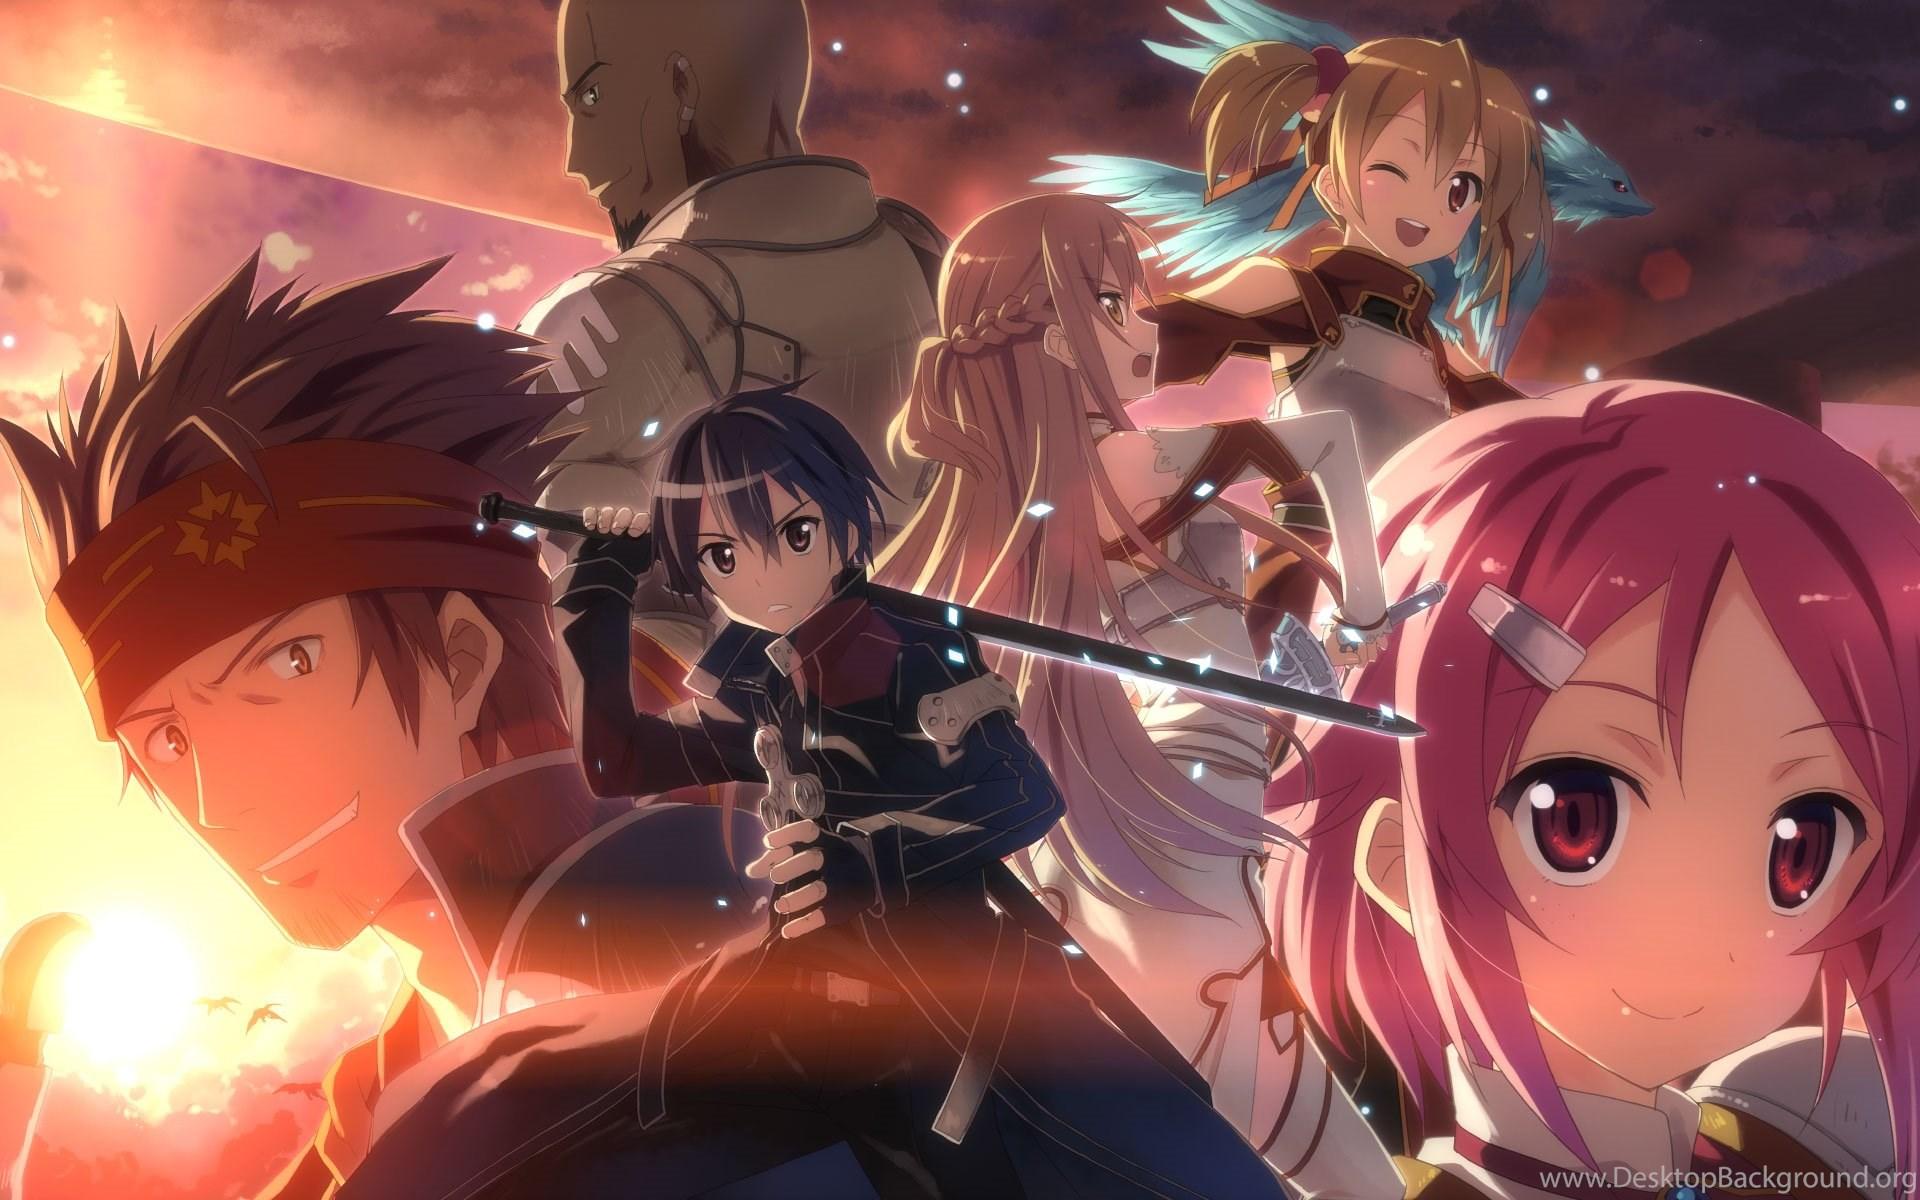 sword art online sao player hd wallpapers desktop background